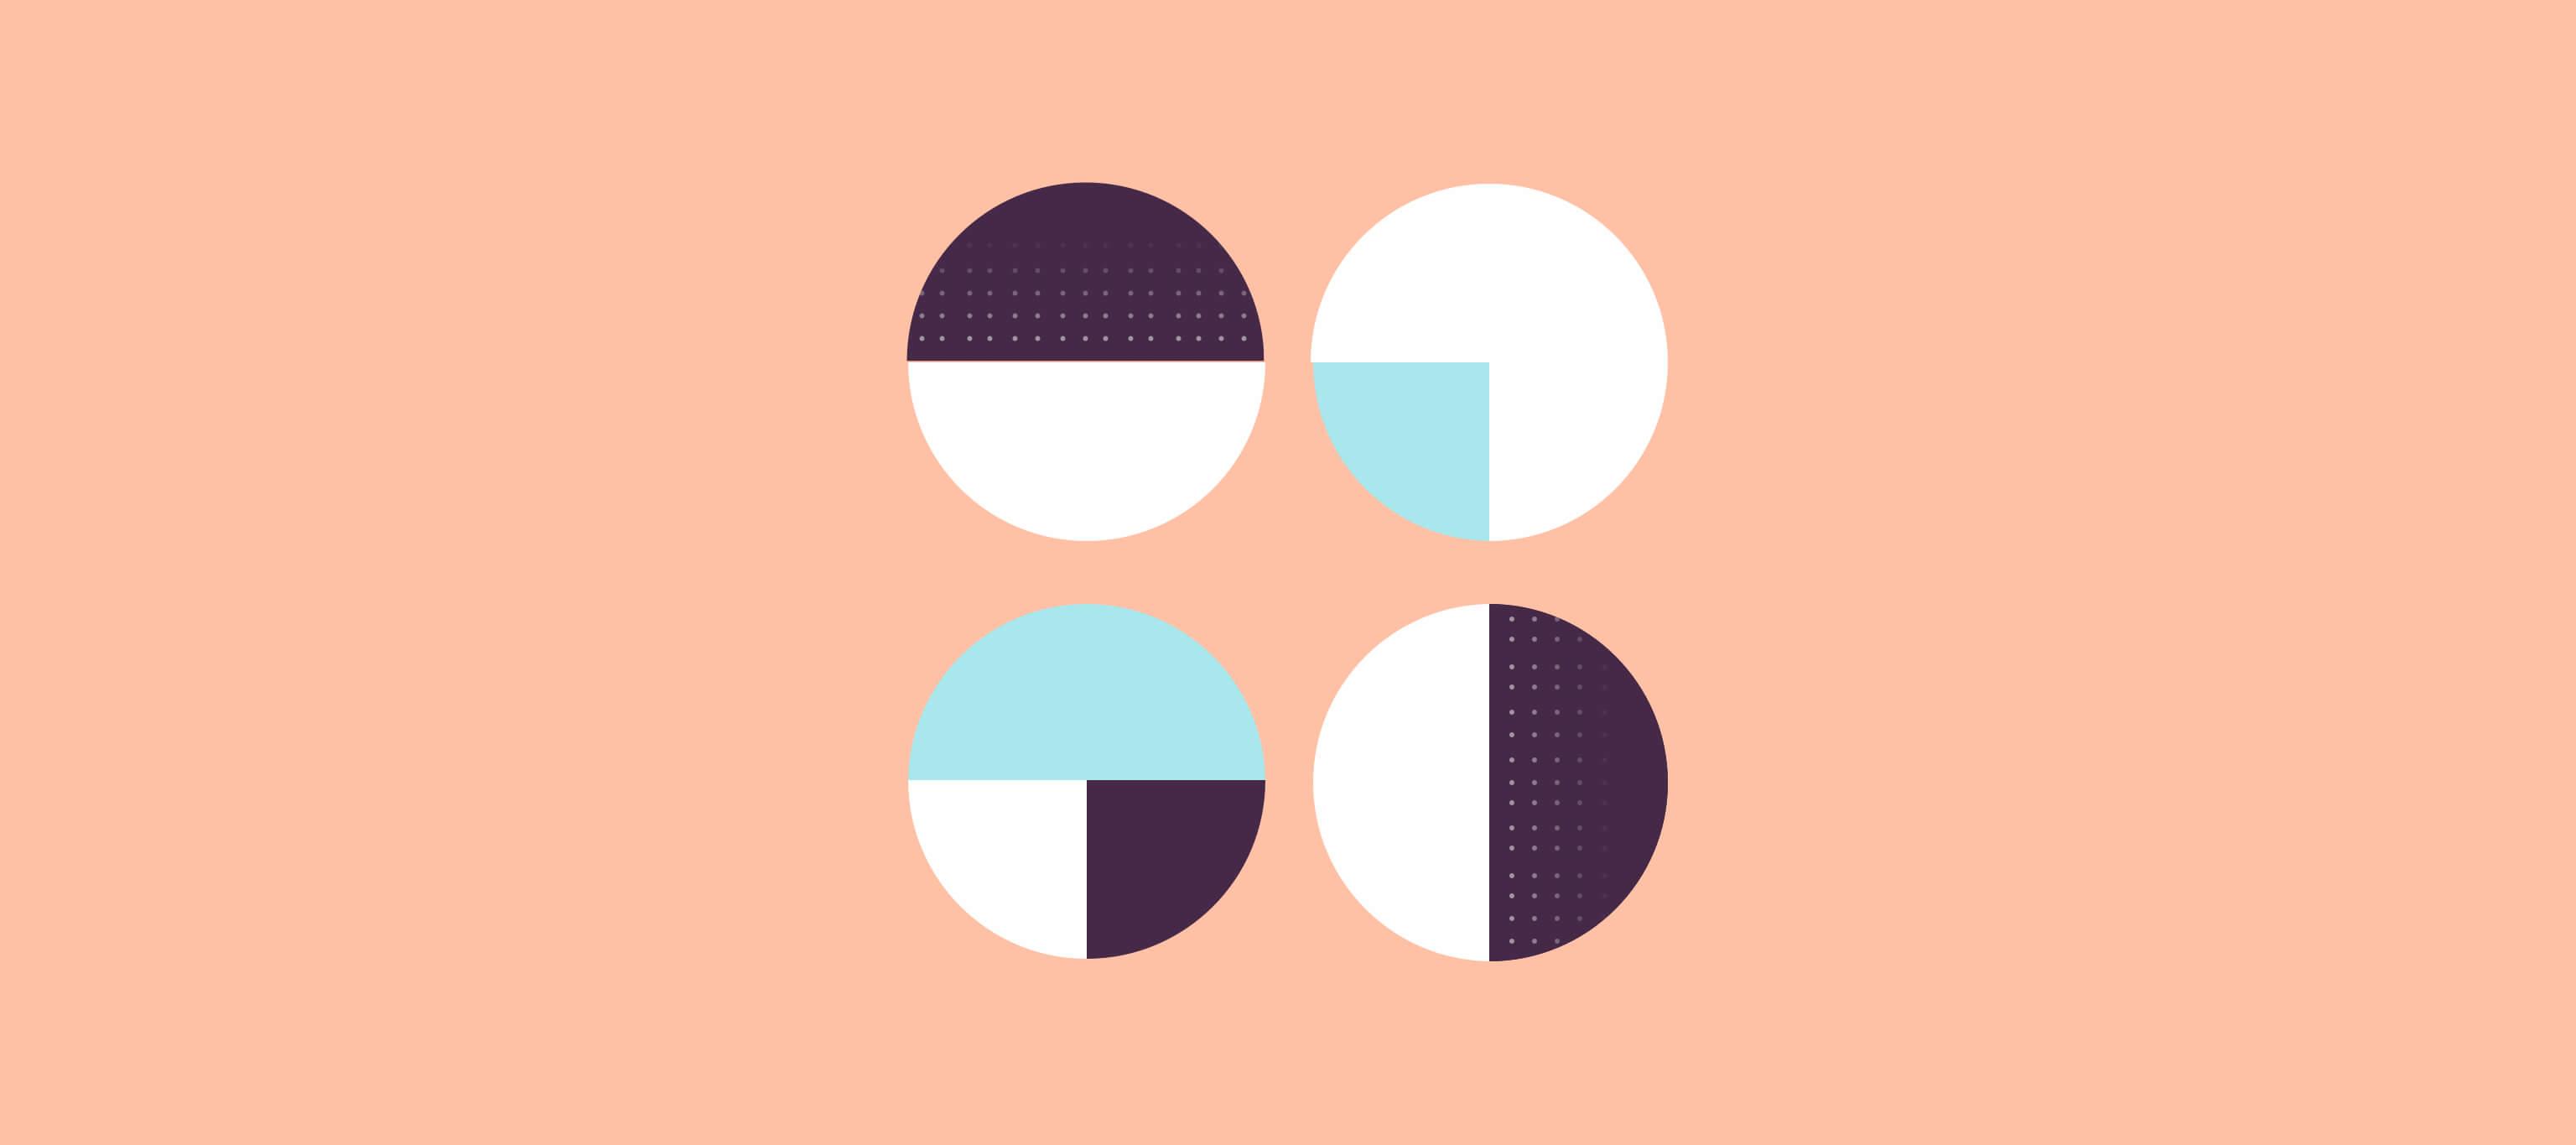 quattro figure circolari simbolo dell'integrazione tra tecnologie vocali e servizio clienti